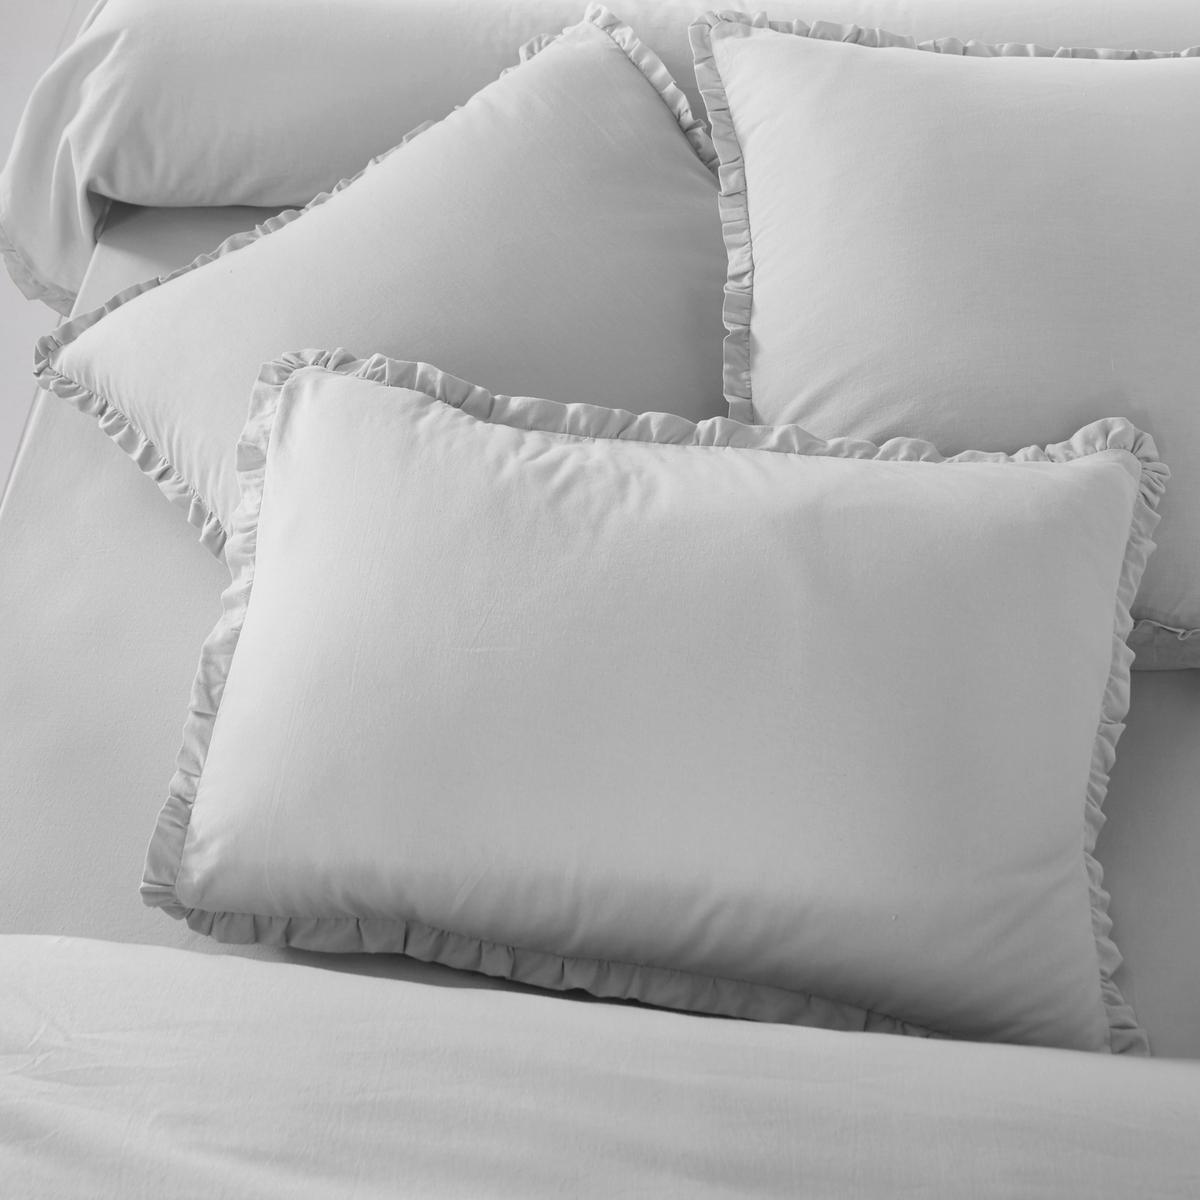 Наволочка Ondina, 40% льнаОписание наволочки Ondina:- Смесовая ткань, 60% хлопка, 40% льна, натурального и прочного материала. Ткань с линялым эффектом для большей мягкости и нежности.Стирка при 60°.- Отделка двойным воланом, со складками.Размеры:50 x 70 см: прямоугольная наволочка.63 x 63 см: квадратная наволочка.85 x 185 см: наволочка на подушку-валик.<br><br>Цвет: светло-серый